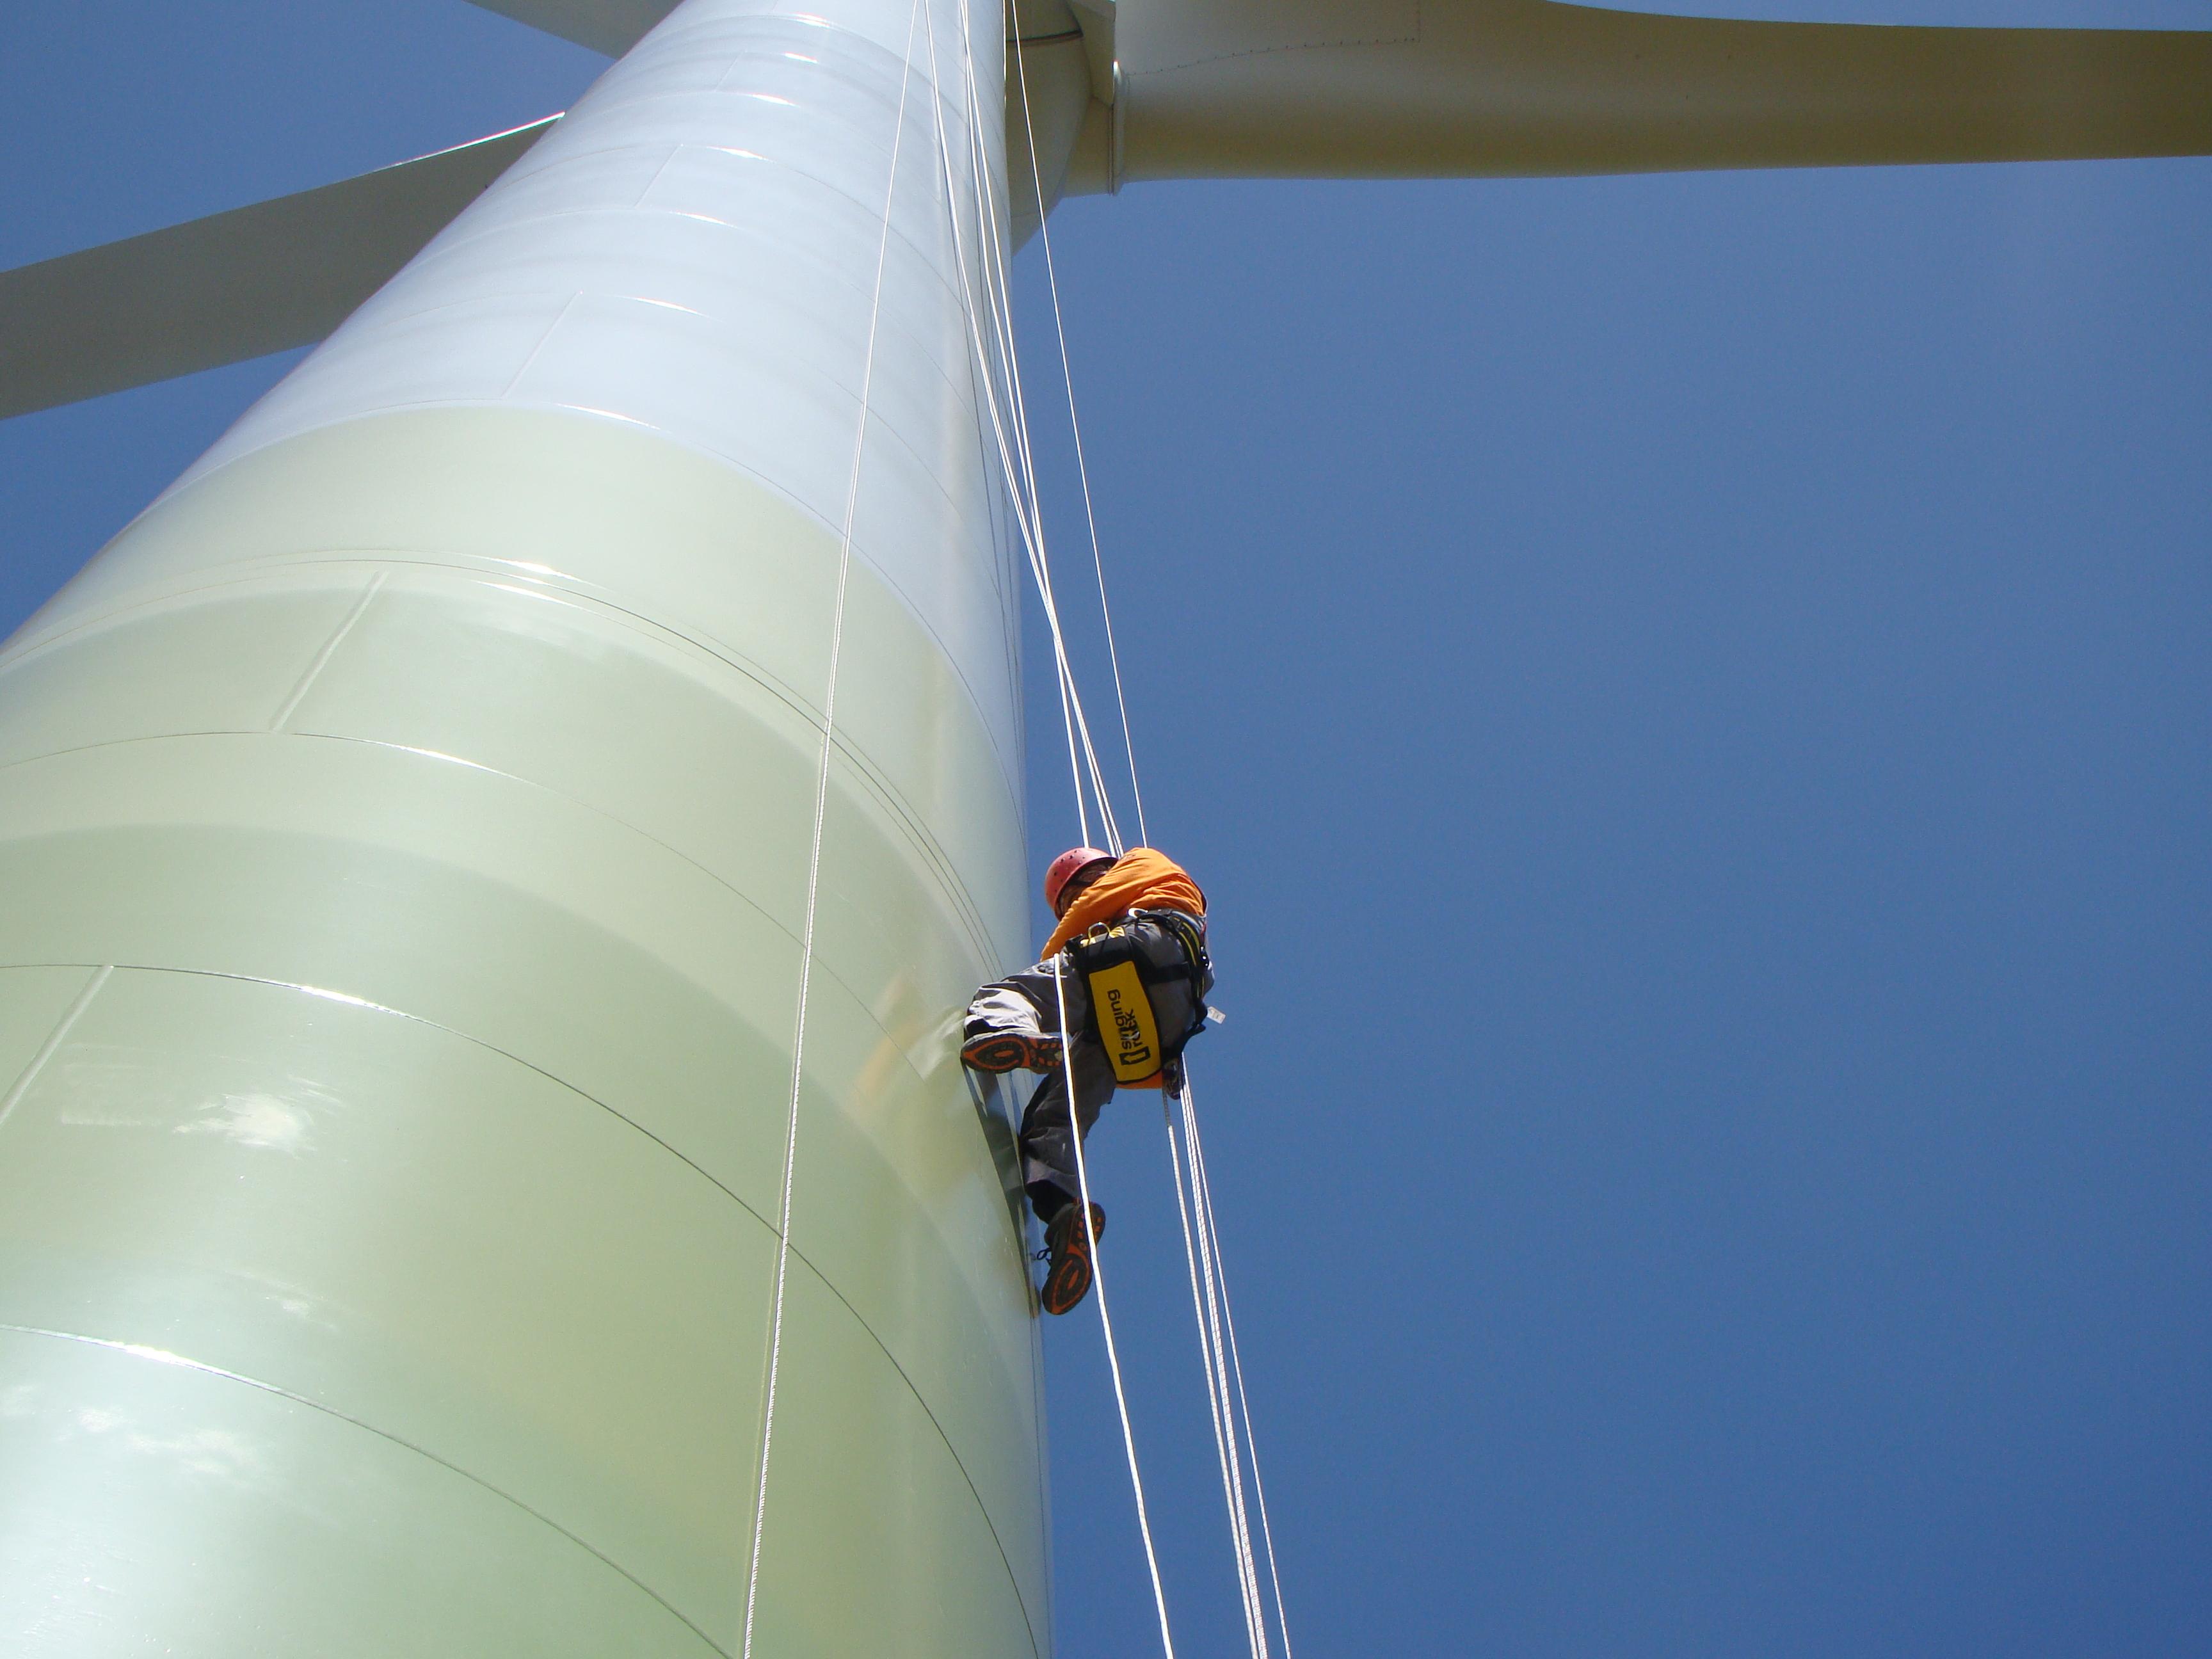 5-Tecnico-de-mantenimiento-escalando